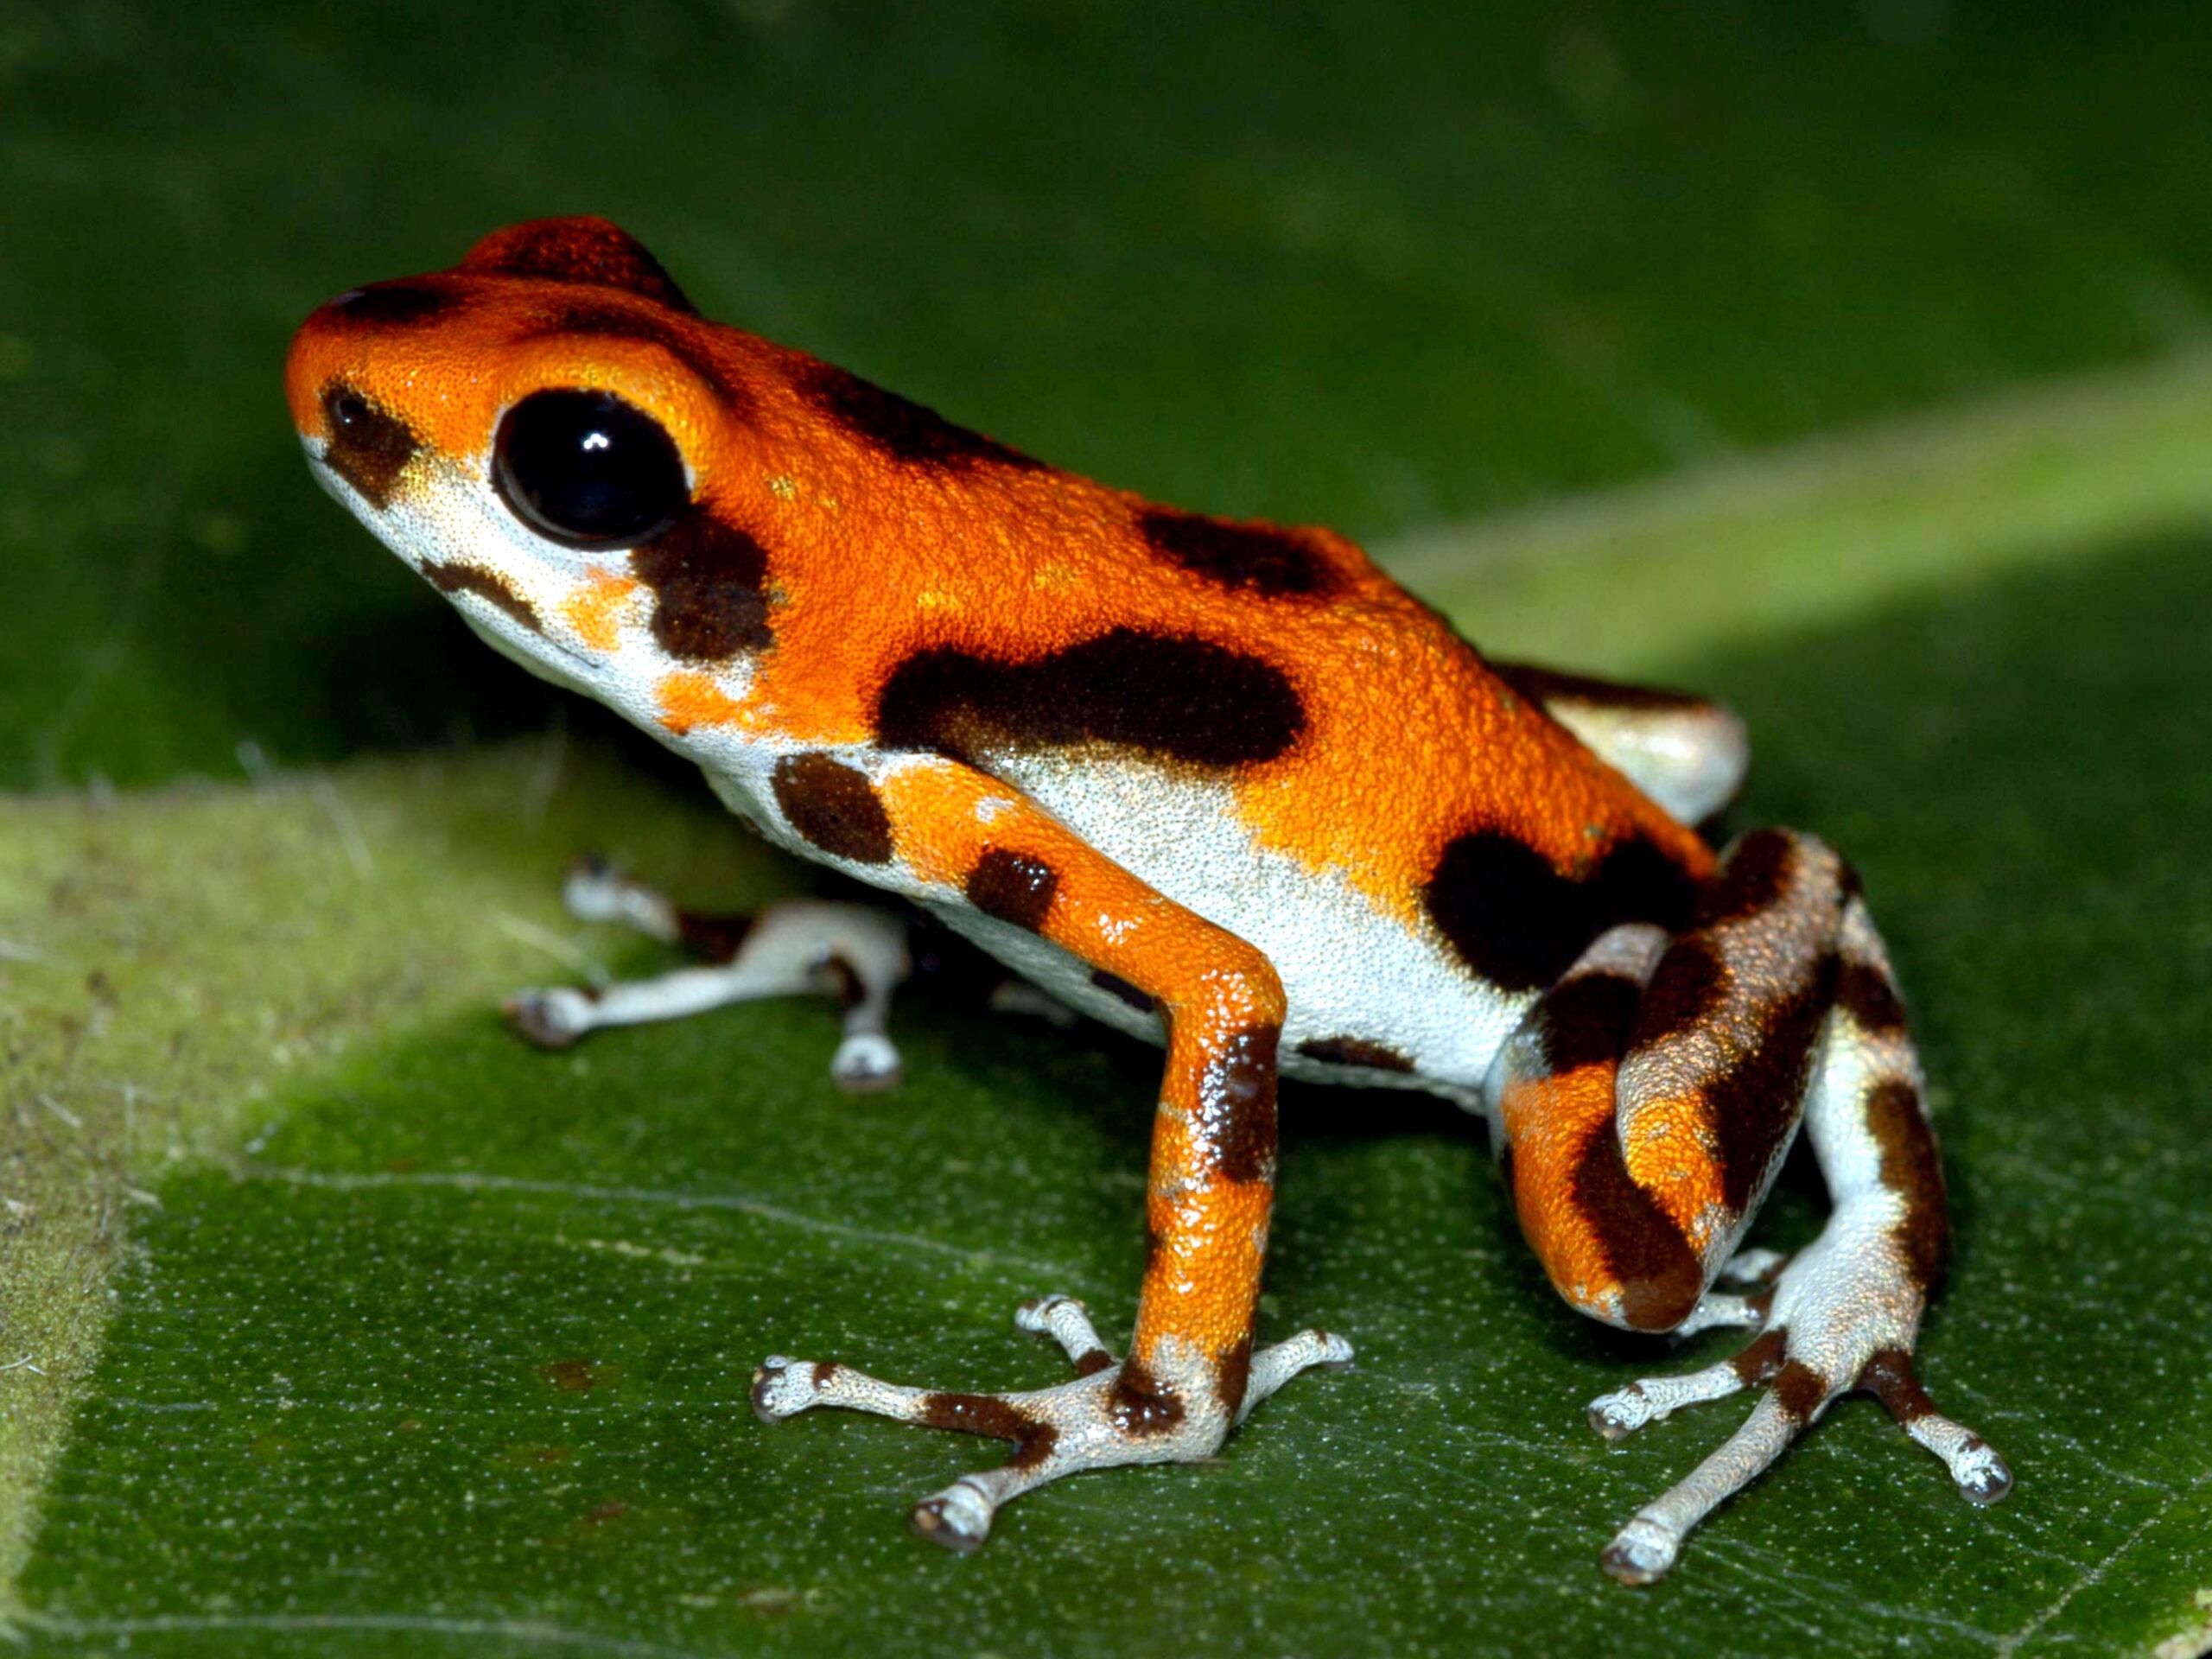 Oophaga pumilio from Isla Bastimentos, Bocas del Toro, Panama - by C. Van Der Lingen.